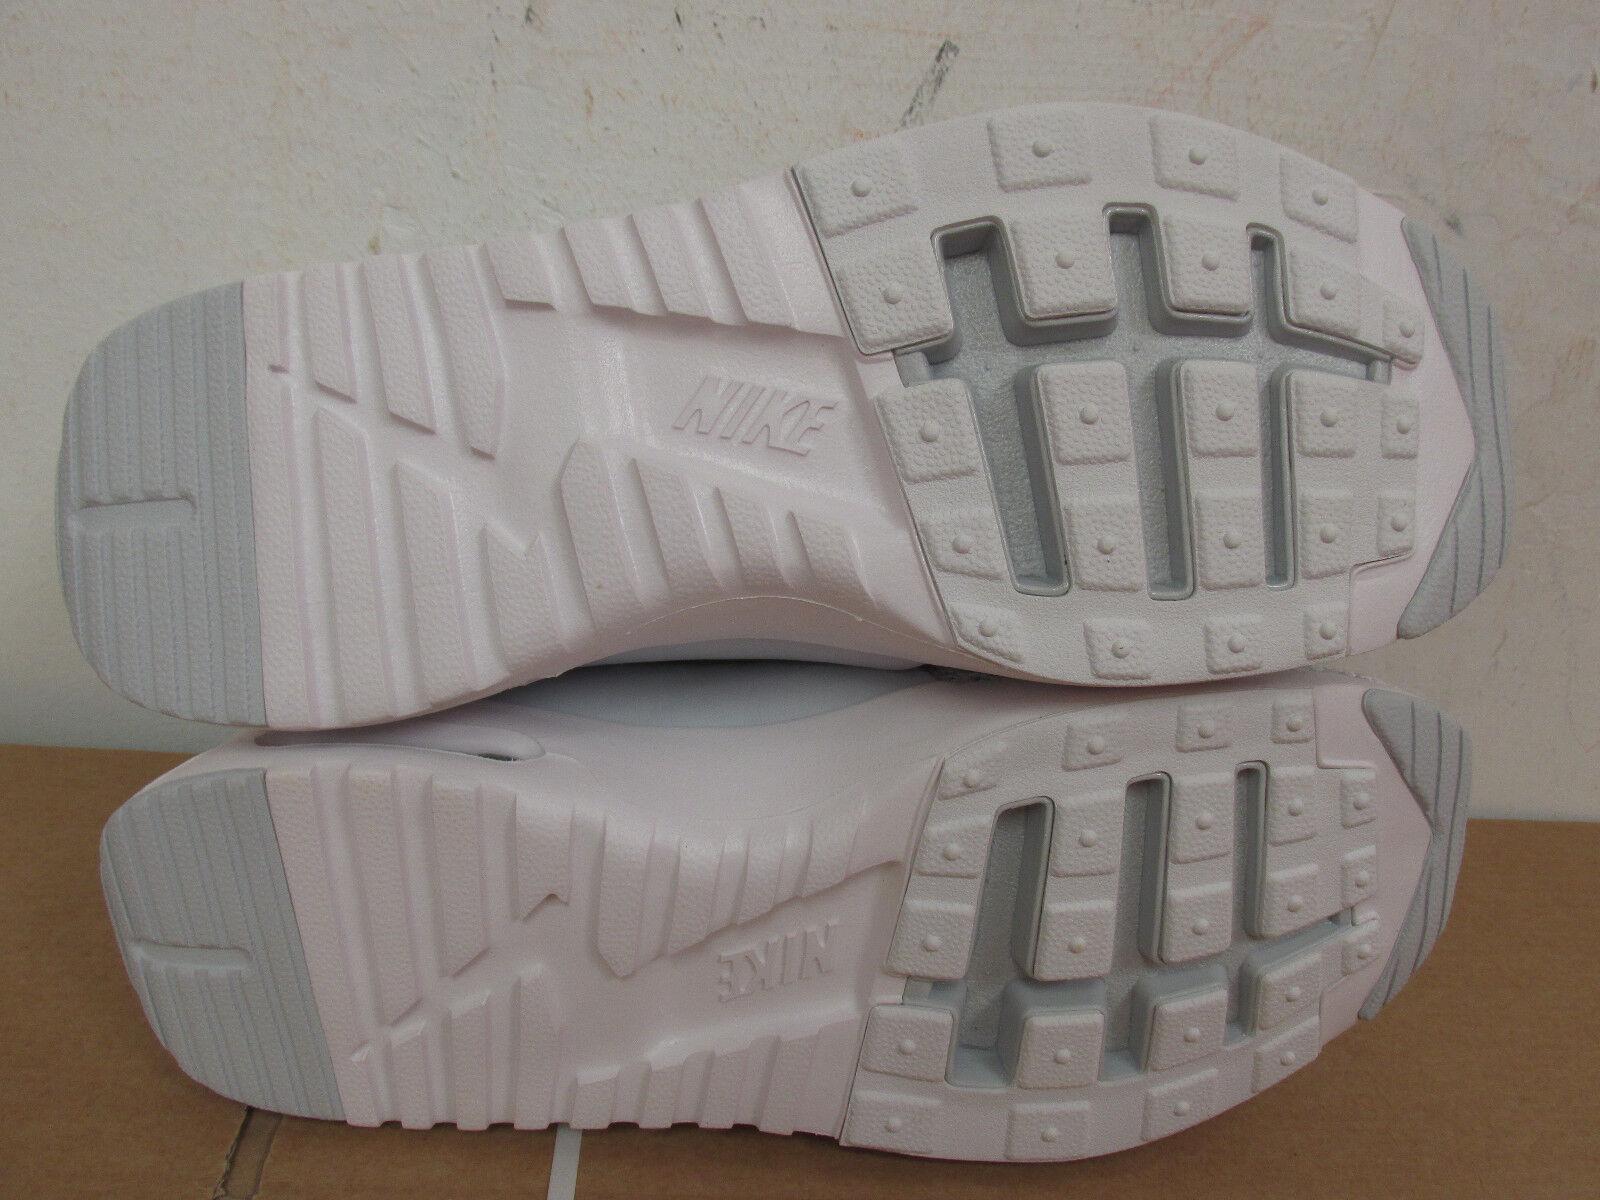 Nike Air Max Thea Ultra FK Donna 881175 002 Scarpe Scarpe Scarpe da Tennis Svendita e7d6bc